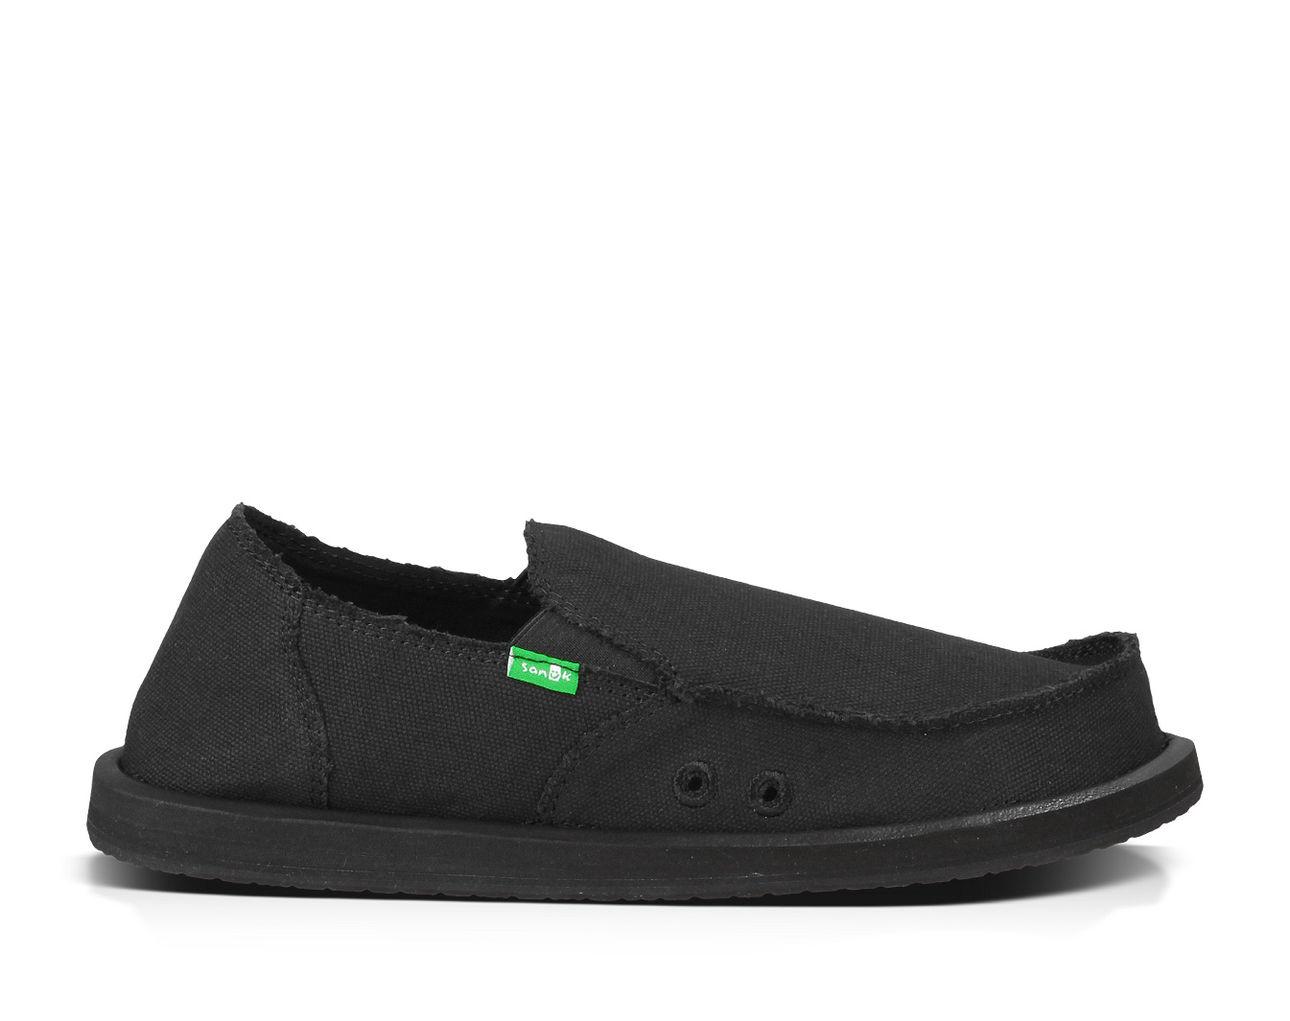 Sanuk Vagabond Sandals Shoes Yoga Direct